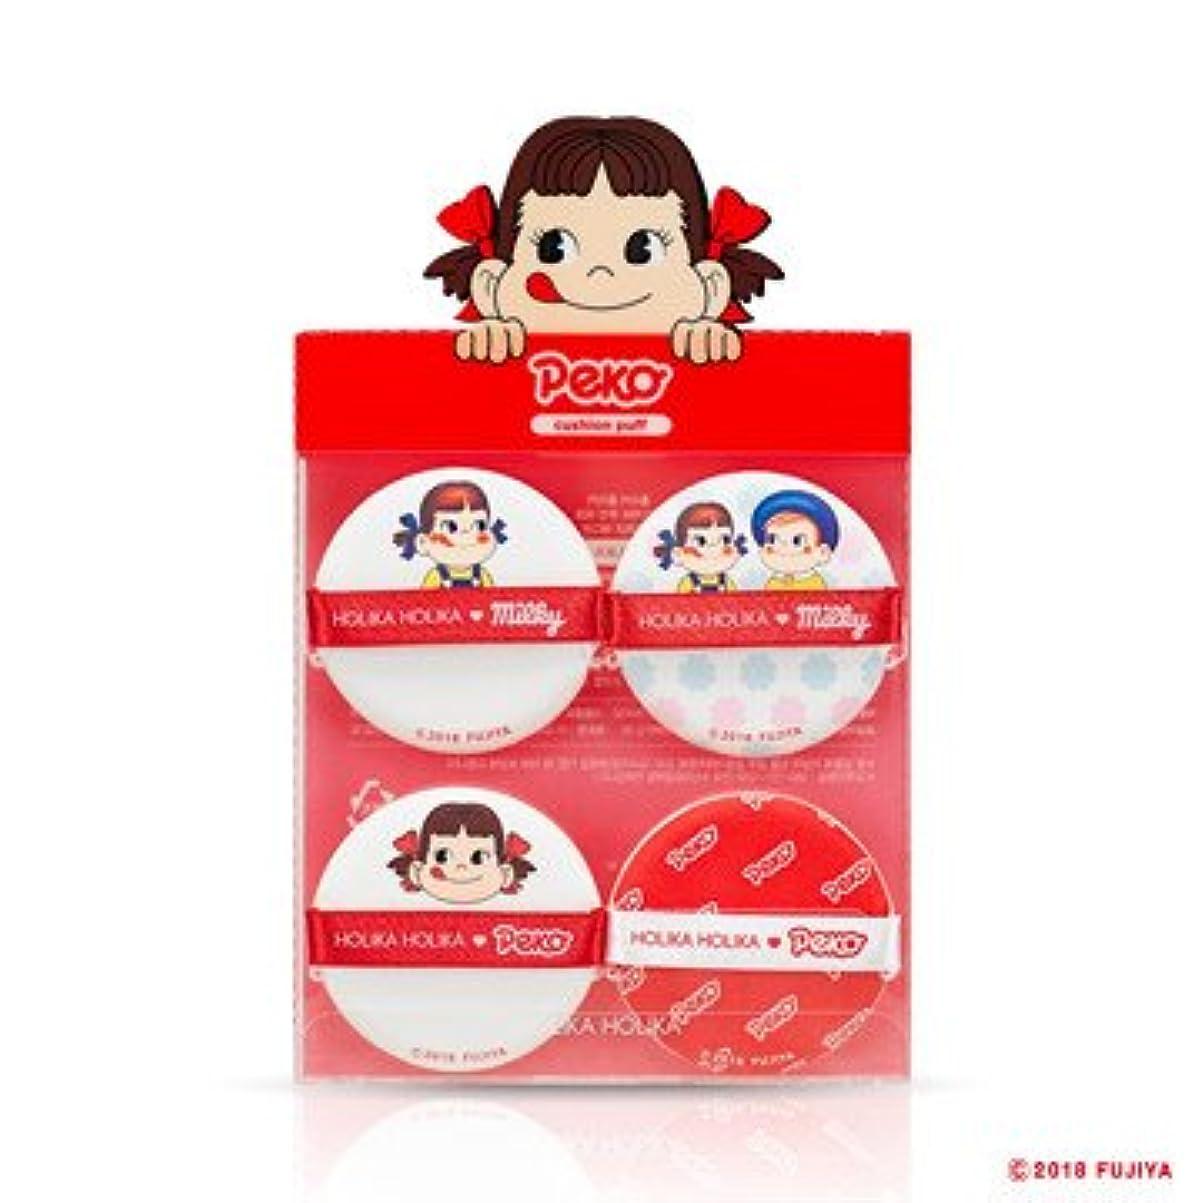 薬剤師アデレード安心させるHolika Holika [Sweet Peko Edition] Hard Cover Cushion Puff(4EA)/ホリカホリカ [スイートペコエディション] ハードカバークッションパフ (4枚入り) [並行輸入品]